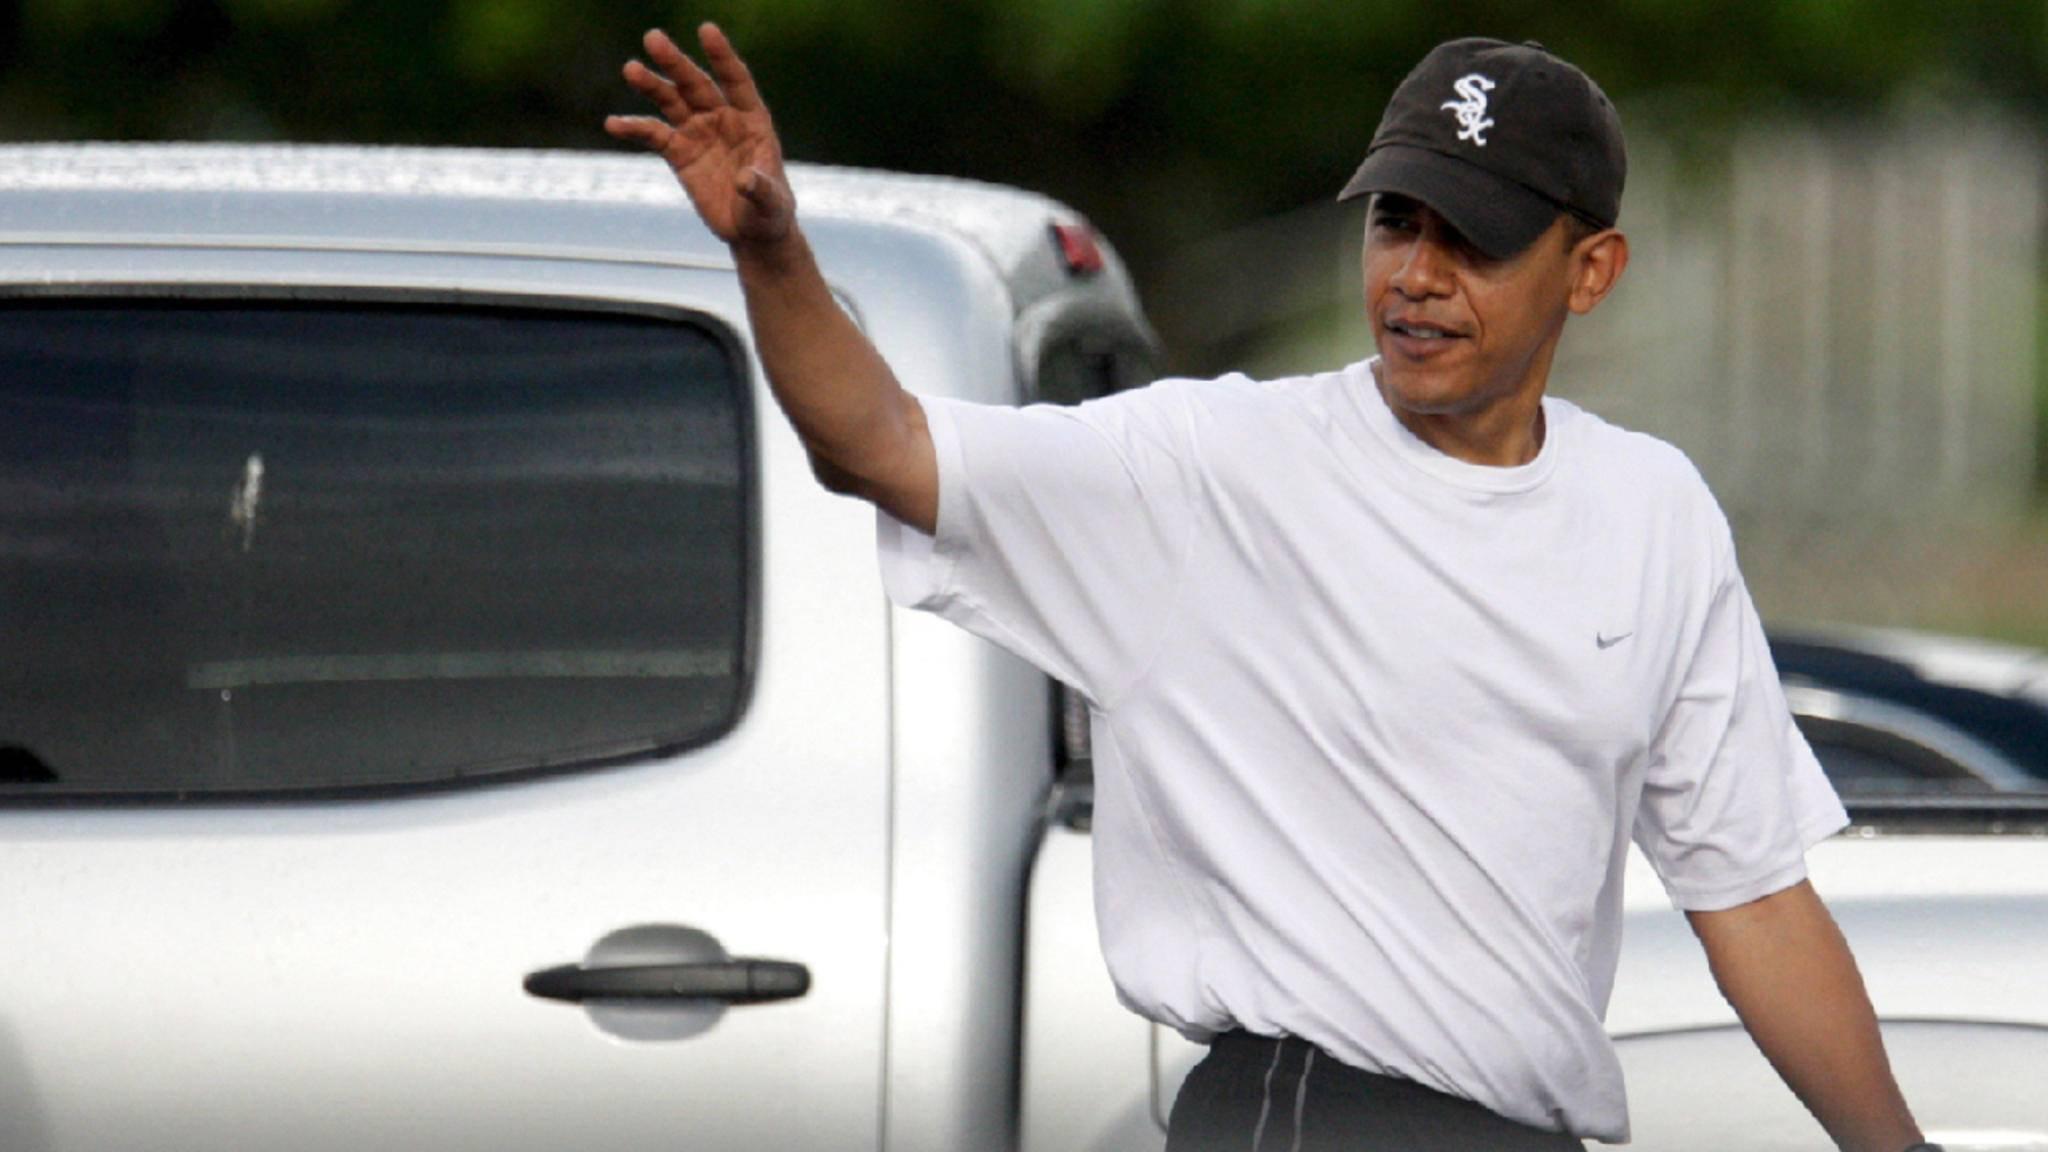 Sportlich: Barack Obama lässt uns an seiner Workout-Playlist teilhaben.